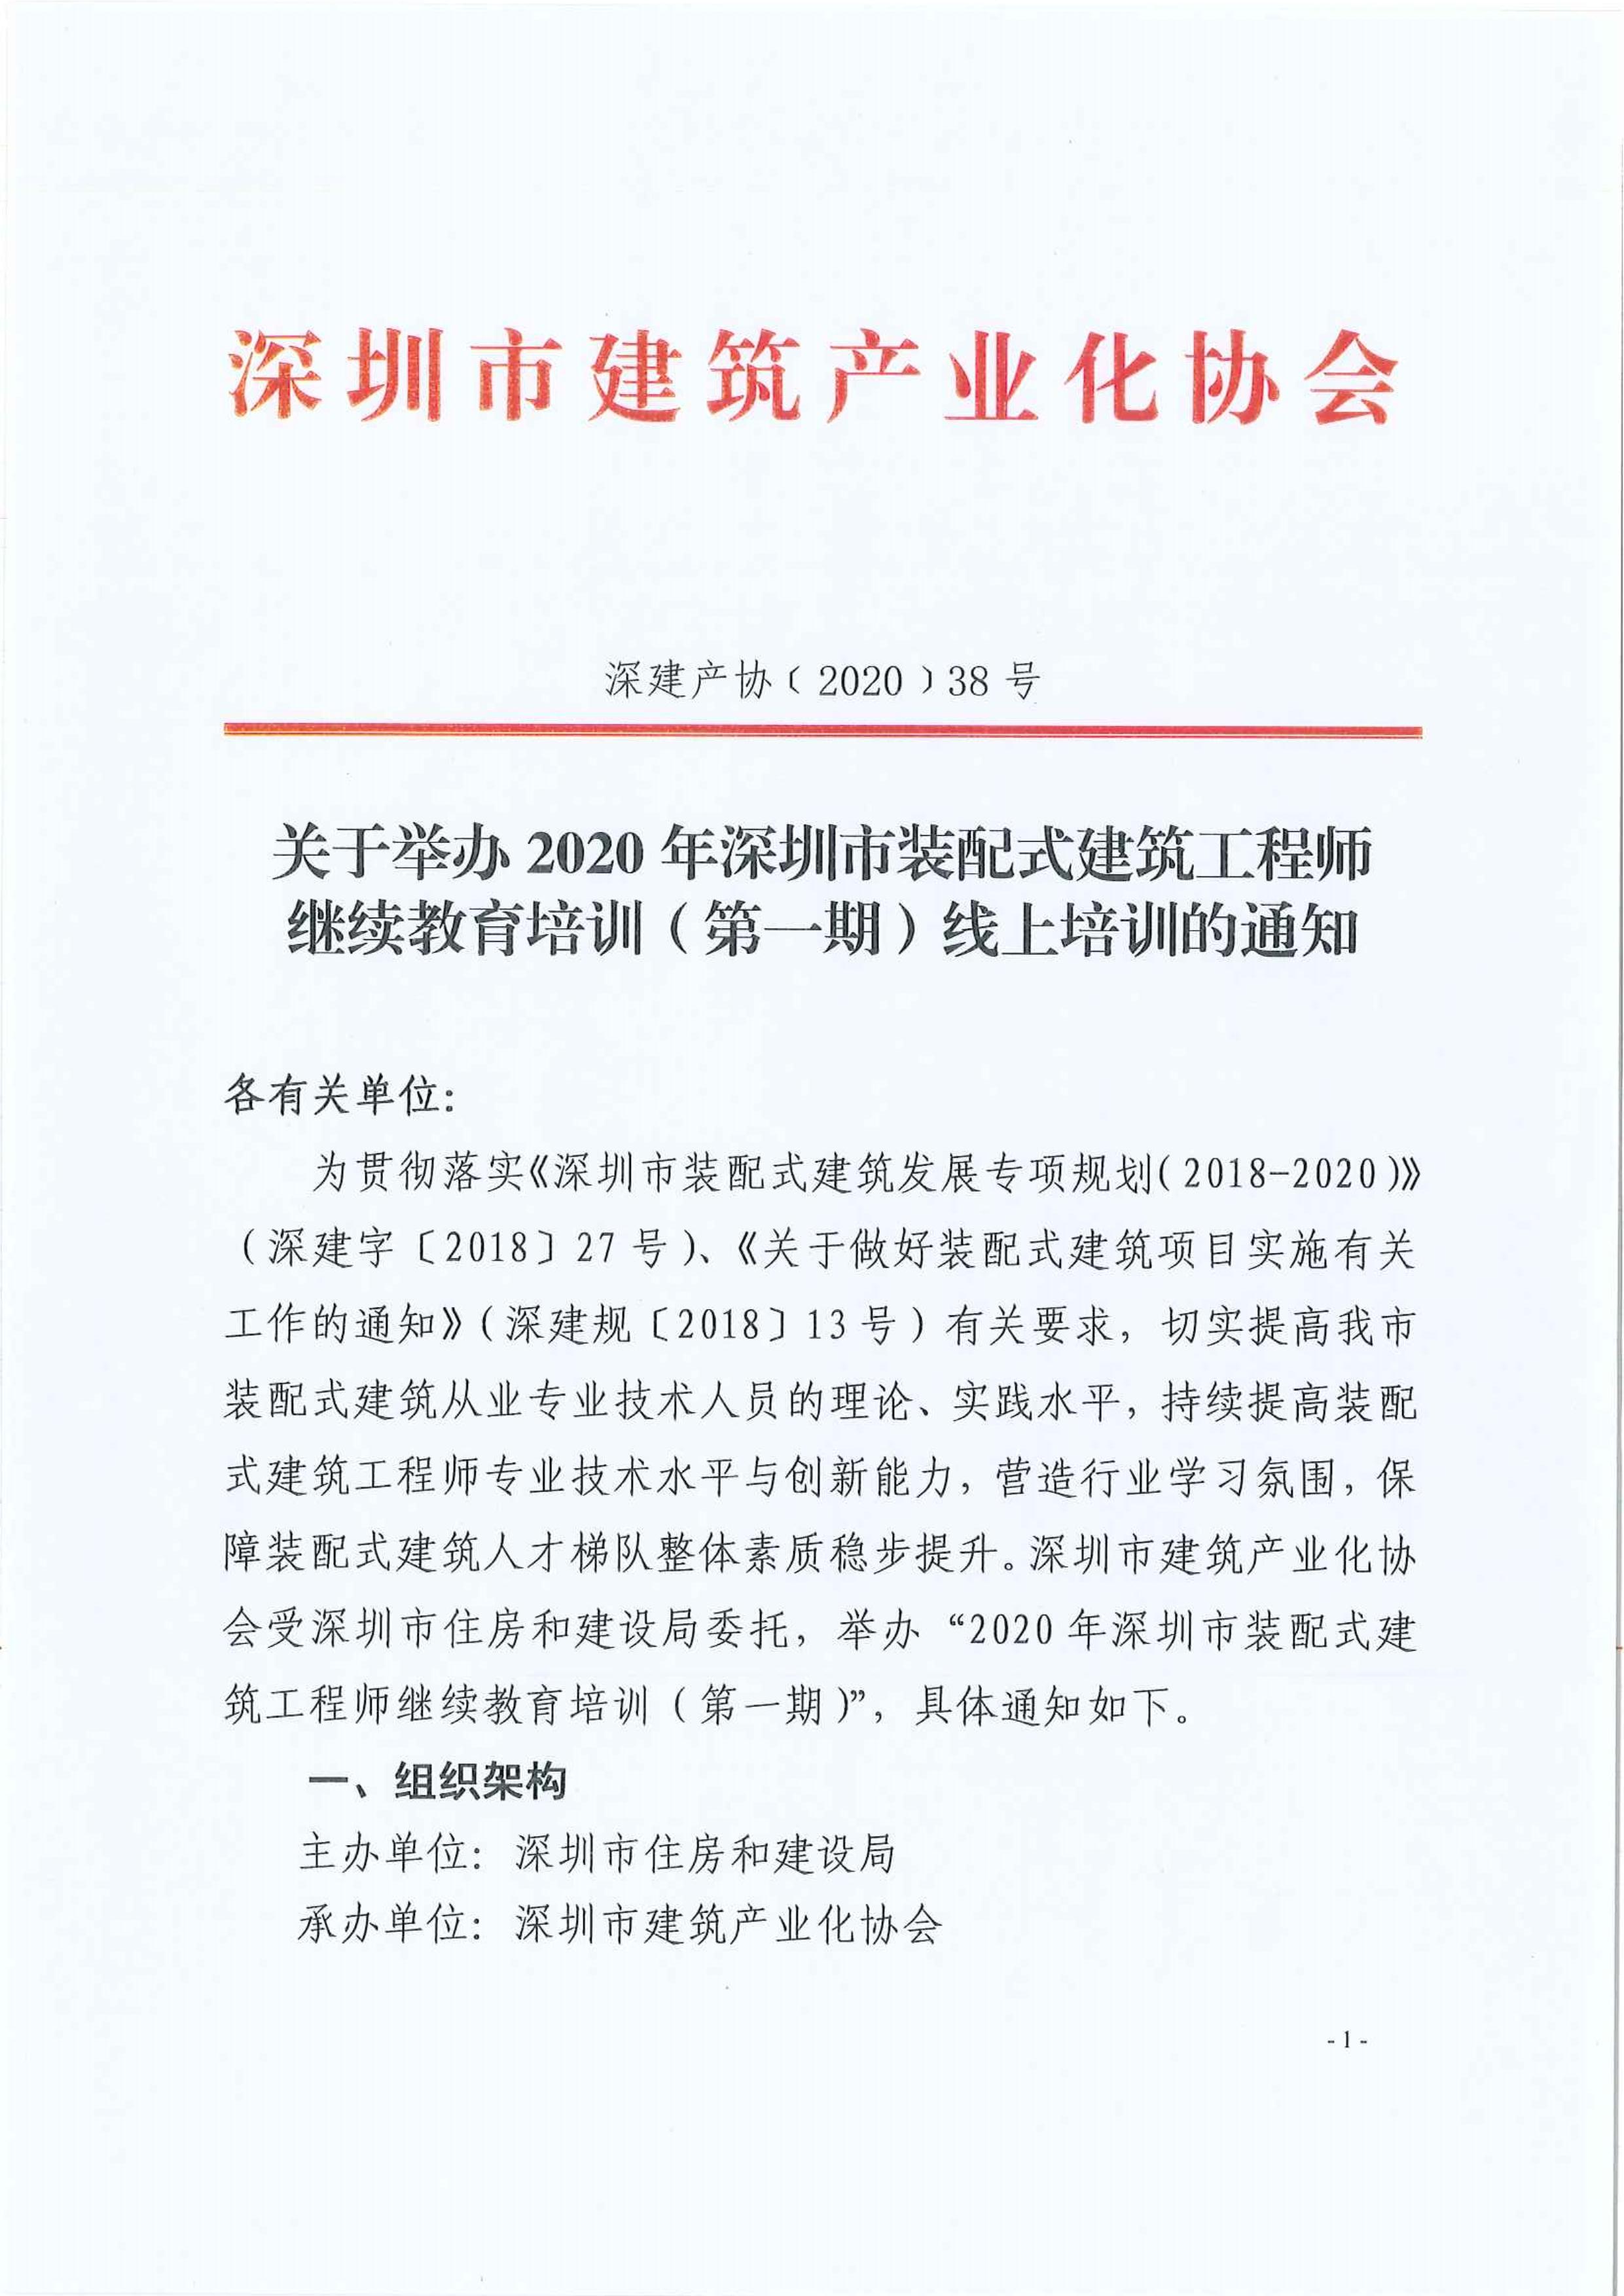 关于举办2020年深圳市装配式建筑工程师继续教育培训(第一期)线上培训的通知